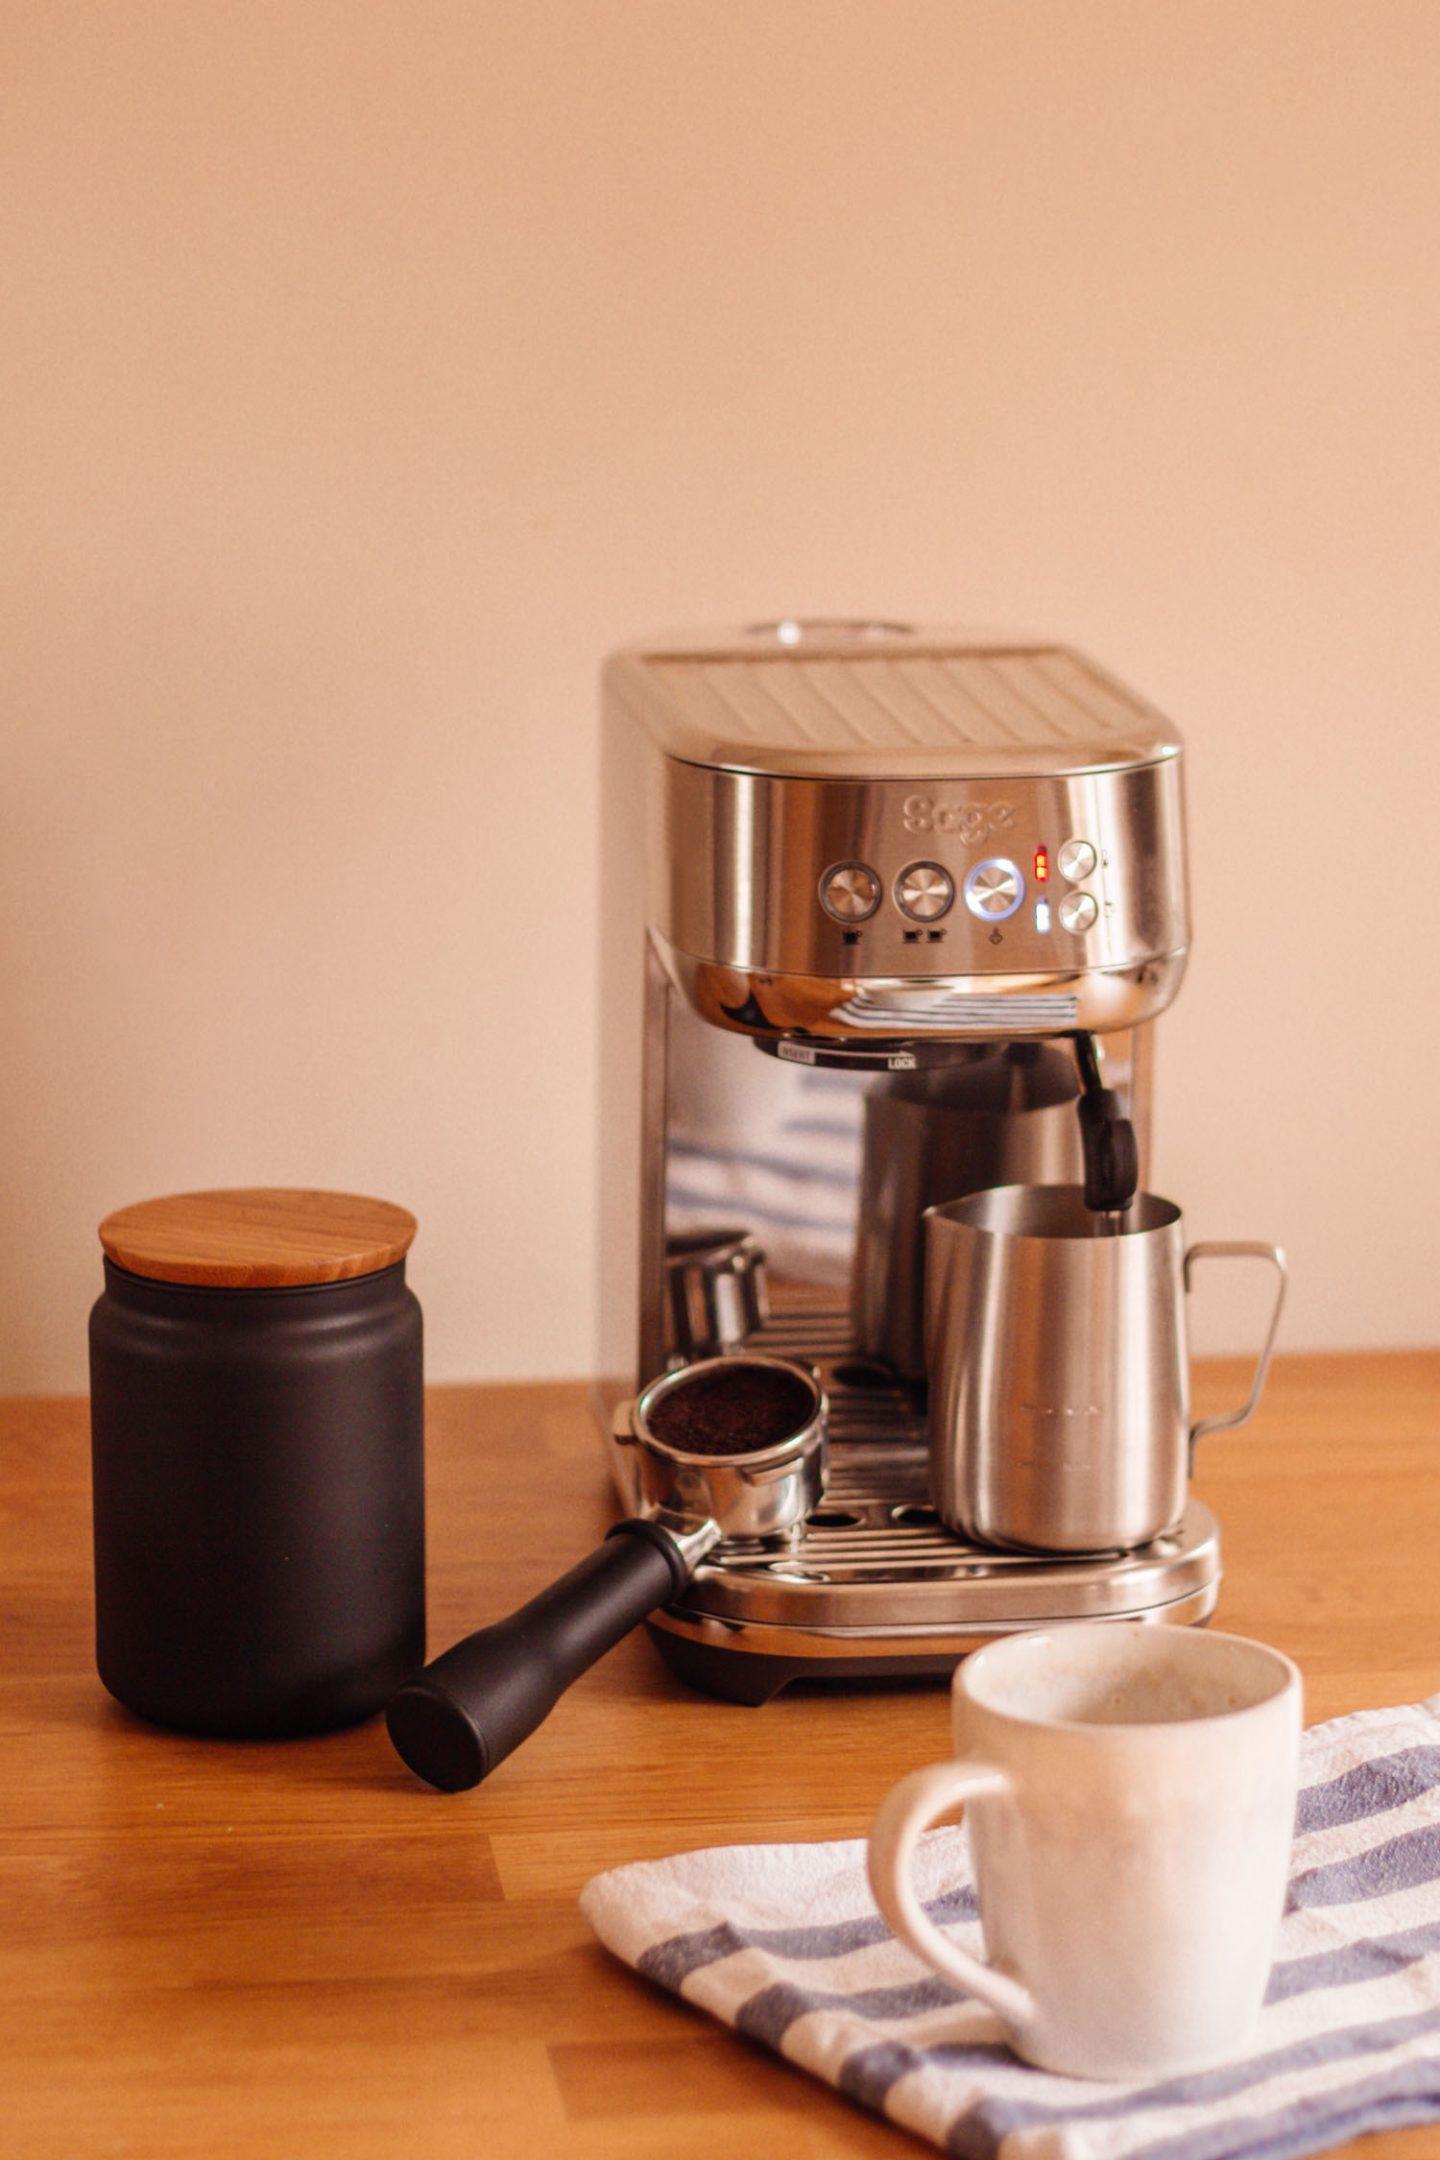 Sage Bambino Coffee Machine